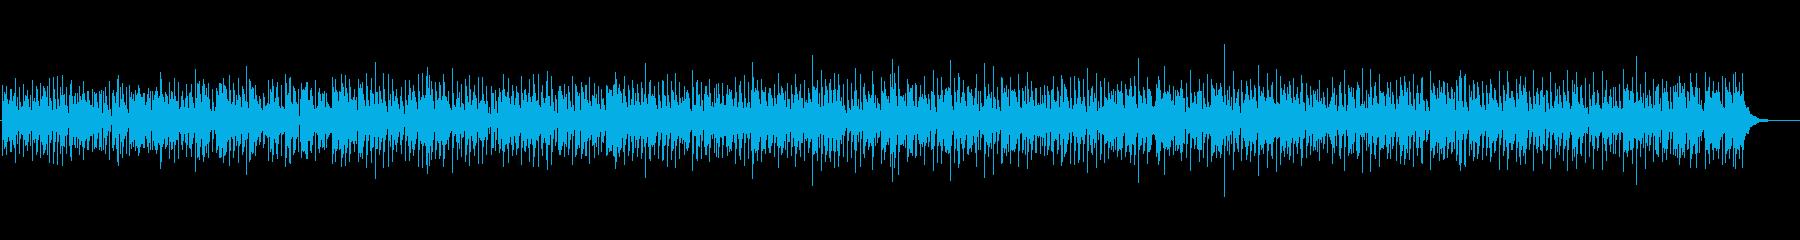 ほんわかアコースティックの再生済みの波形